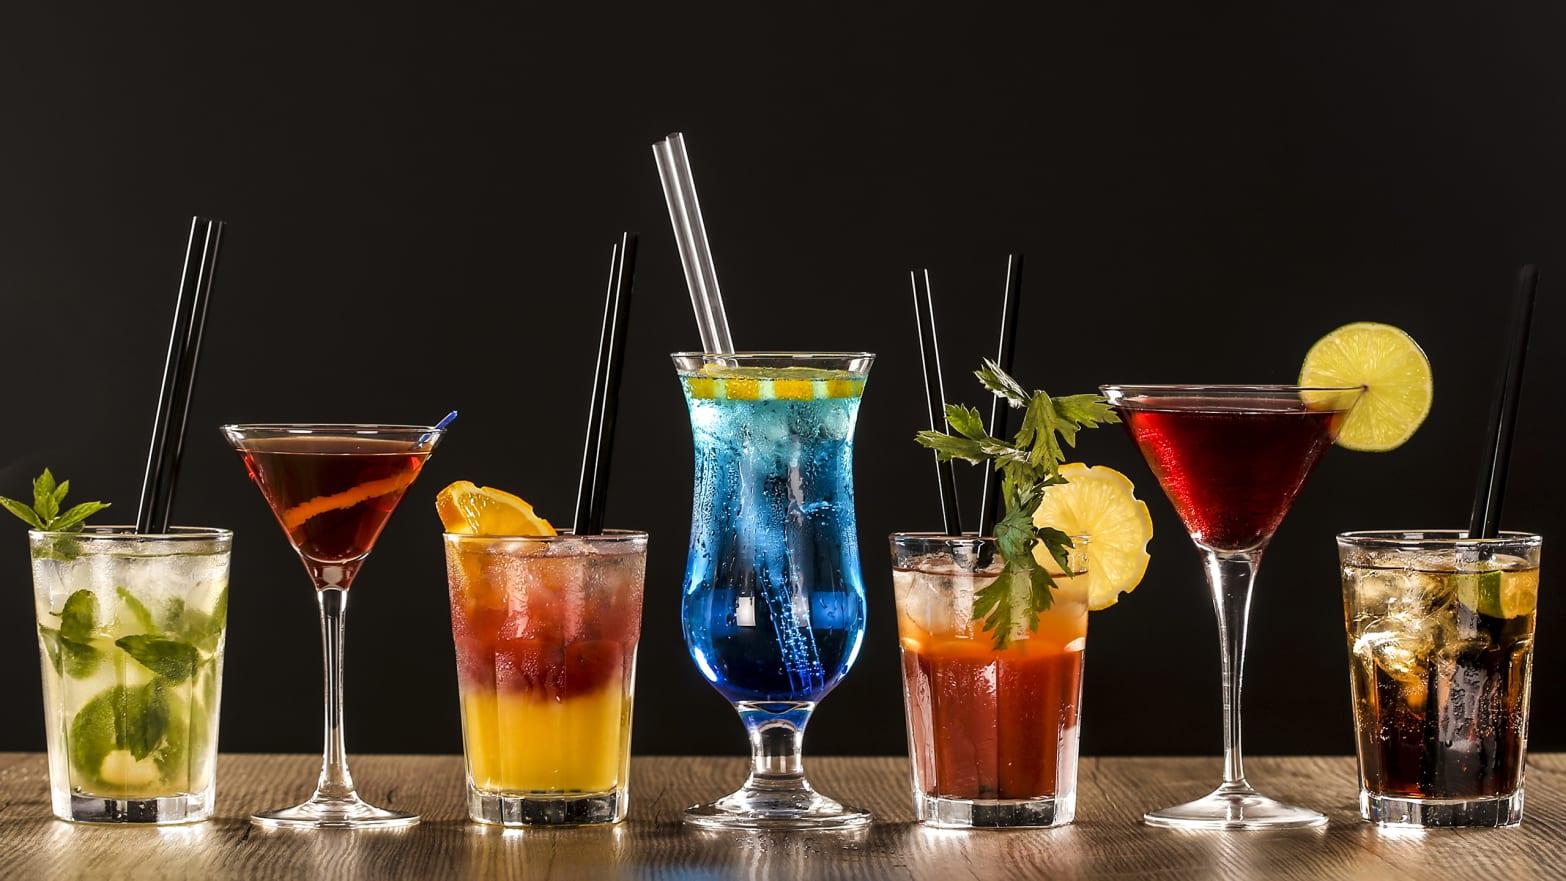 Risultato immagini per cocktail & canapes